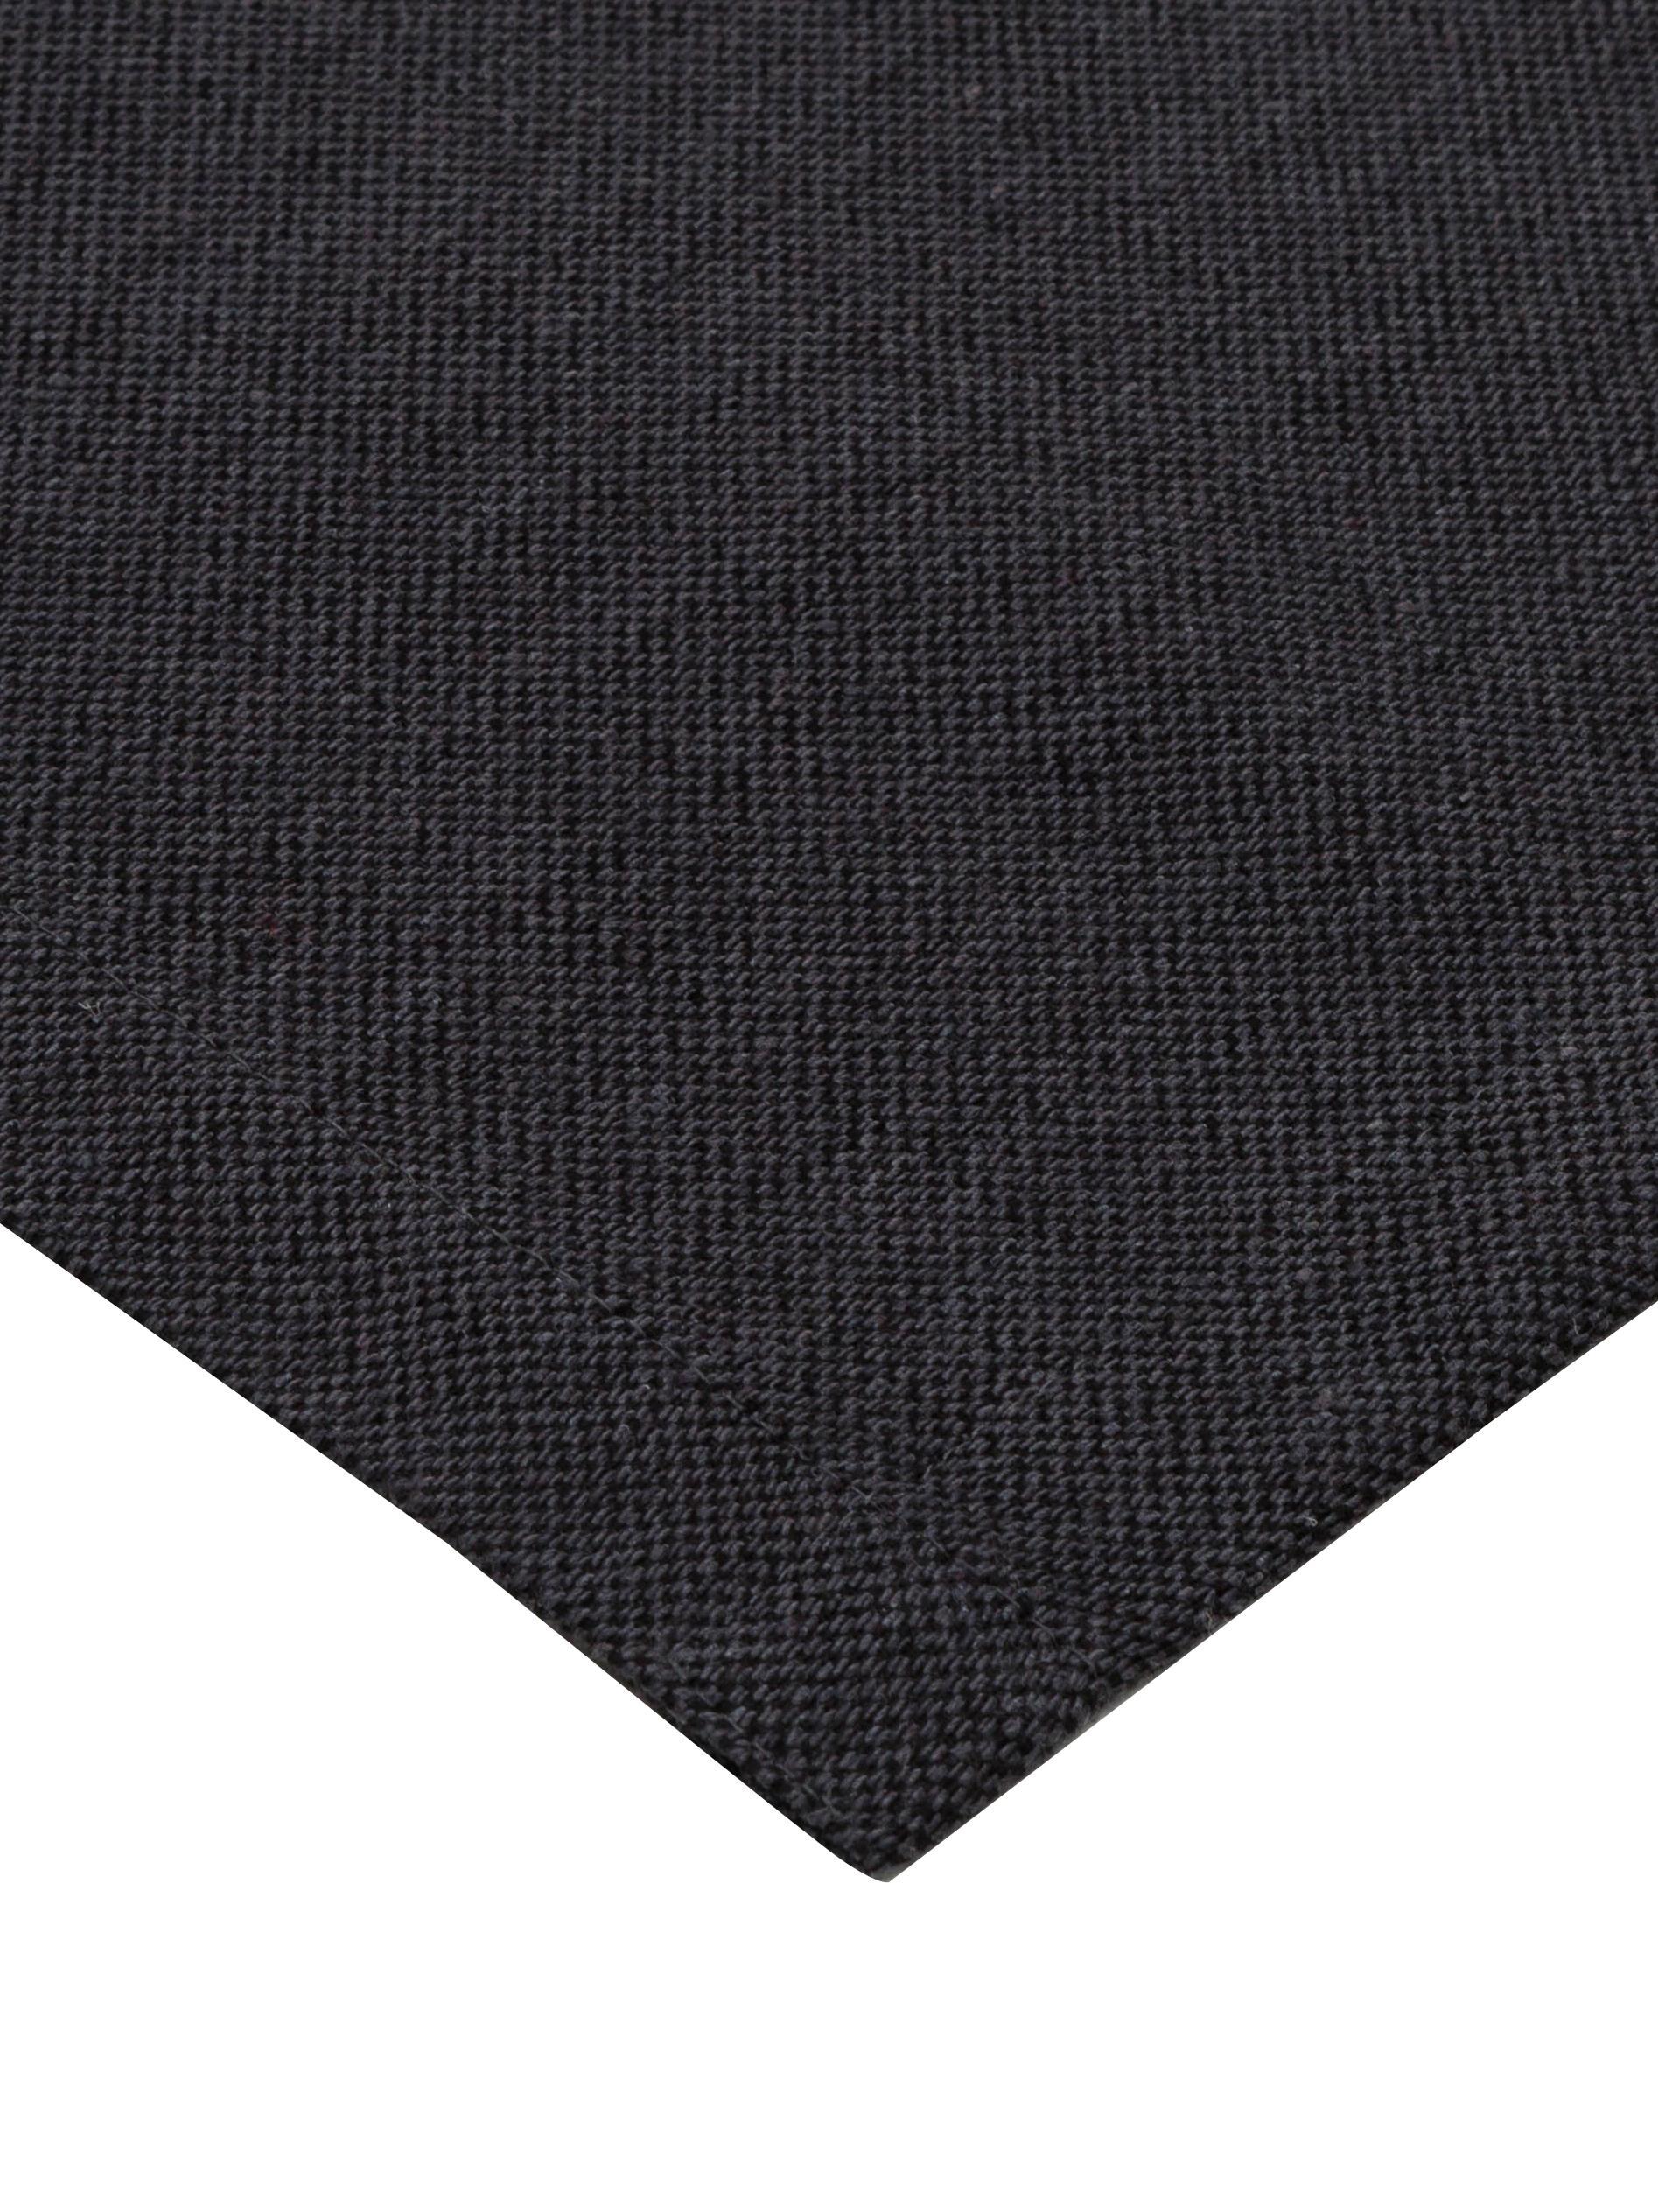 Runner da tavolo Riva, 55% cotone, 45% poliestere, Antracite, Larg. 40 x Lung. 150 cm